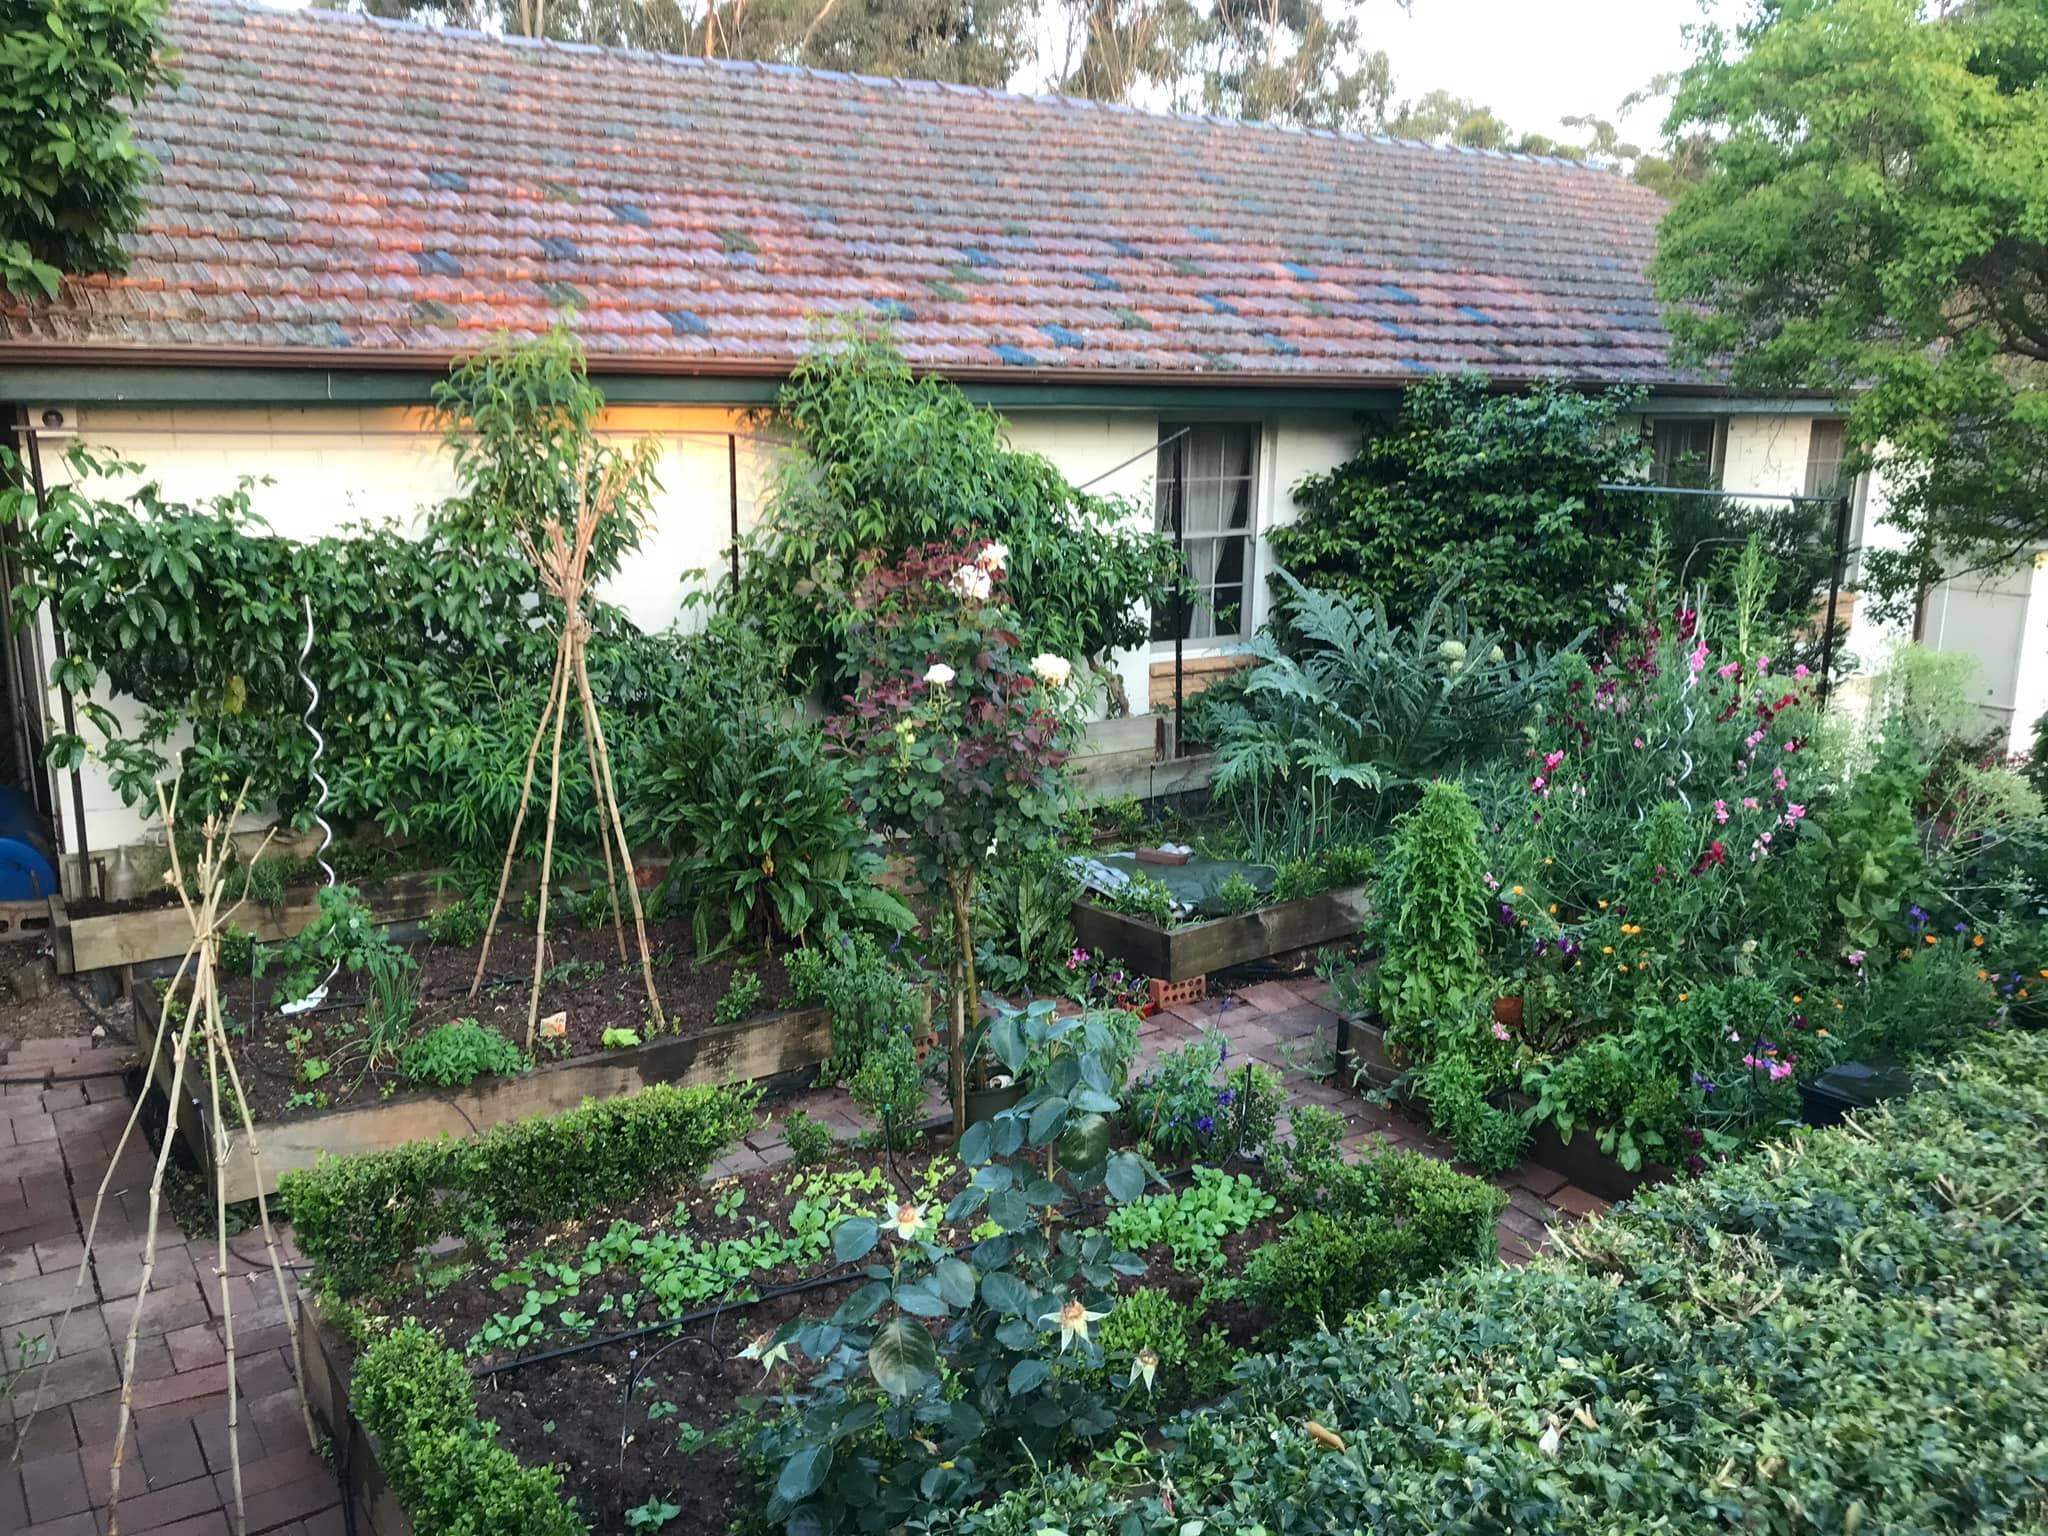 Khu vườn rộng 575m² xanh tươi đủ loại rau quả sạch giữa thành phố của người đàn ông thích trồng cây từ năm 9 tuổi - Ảnh 1.